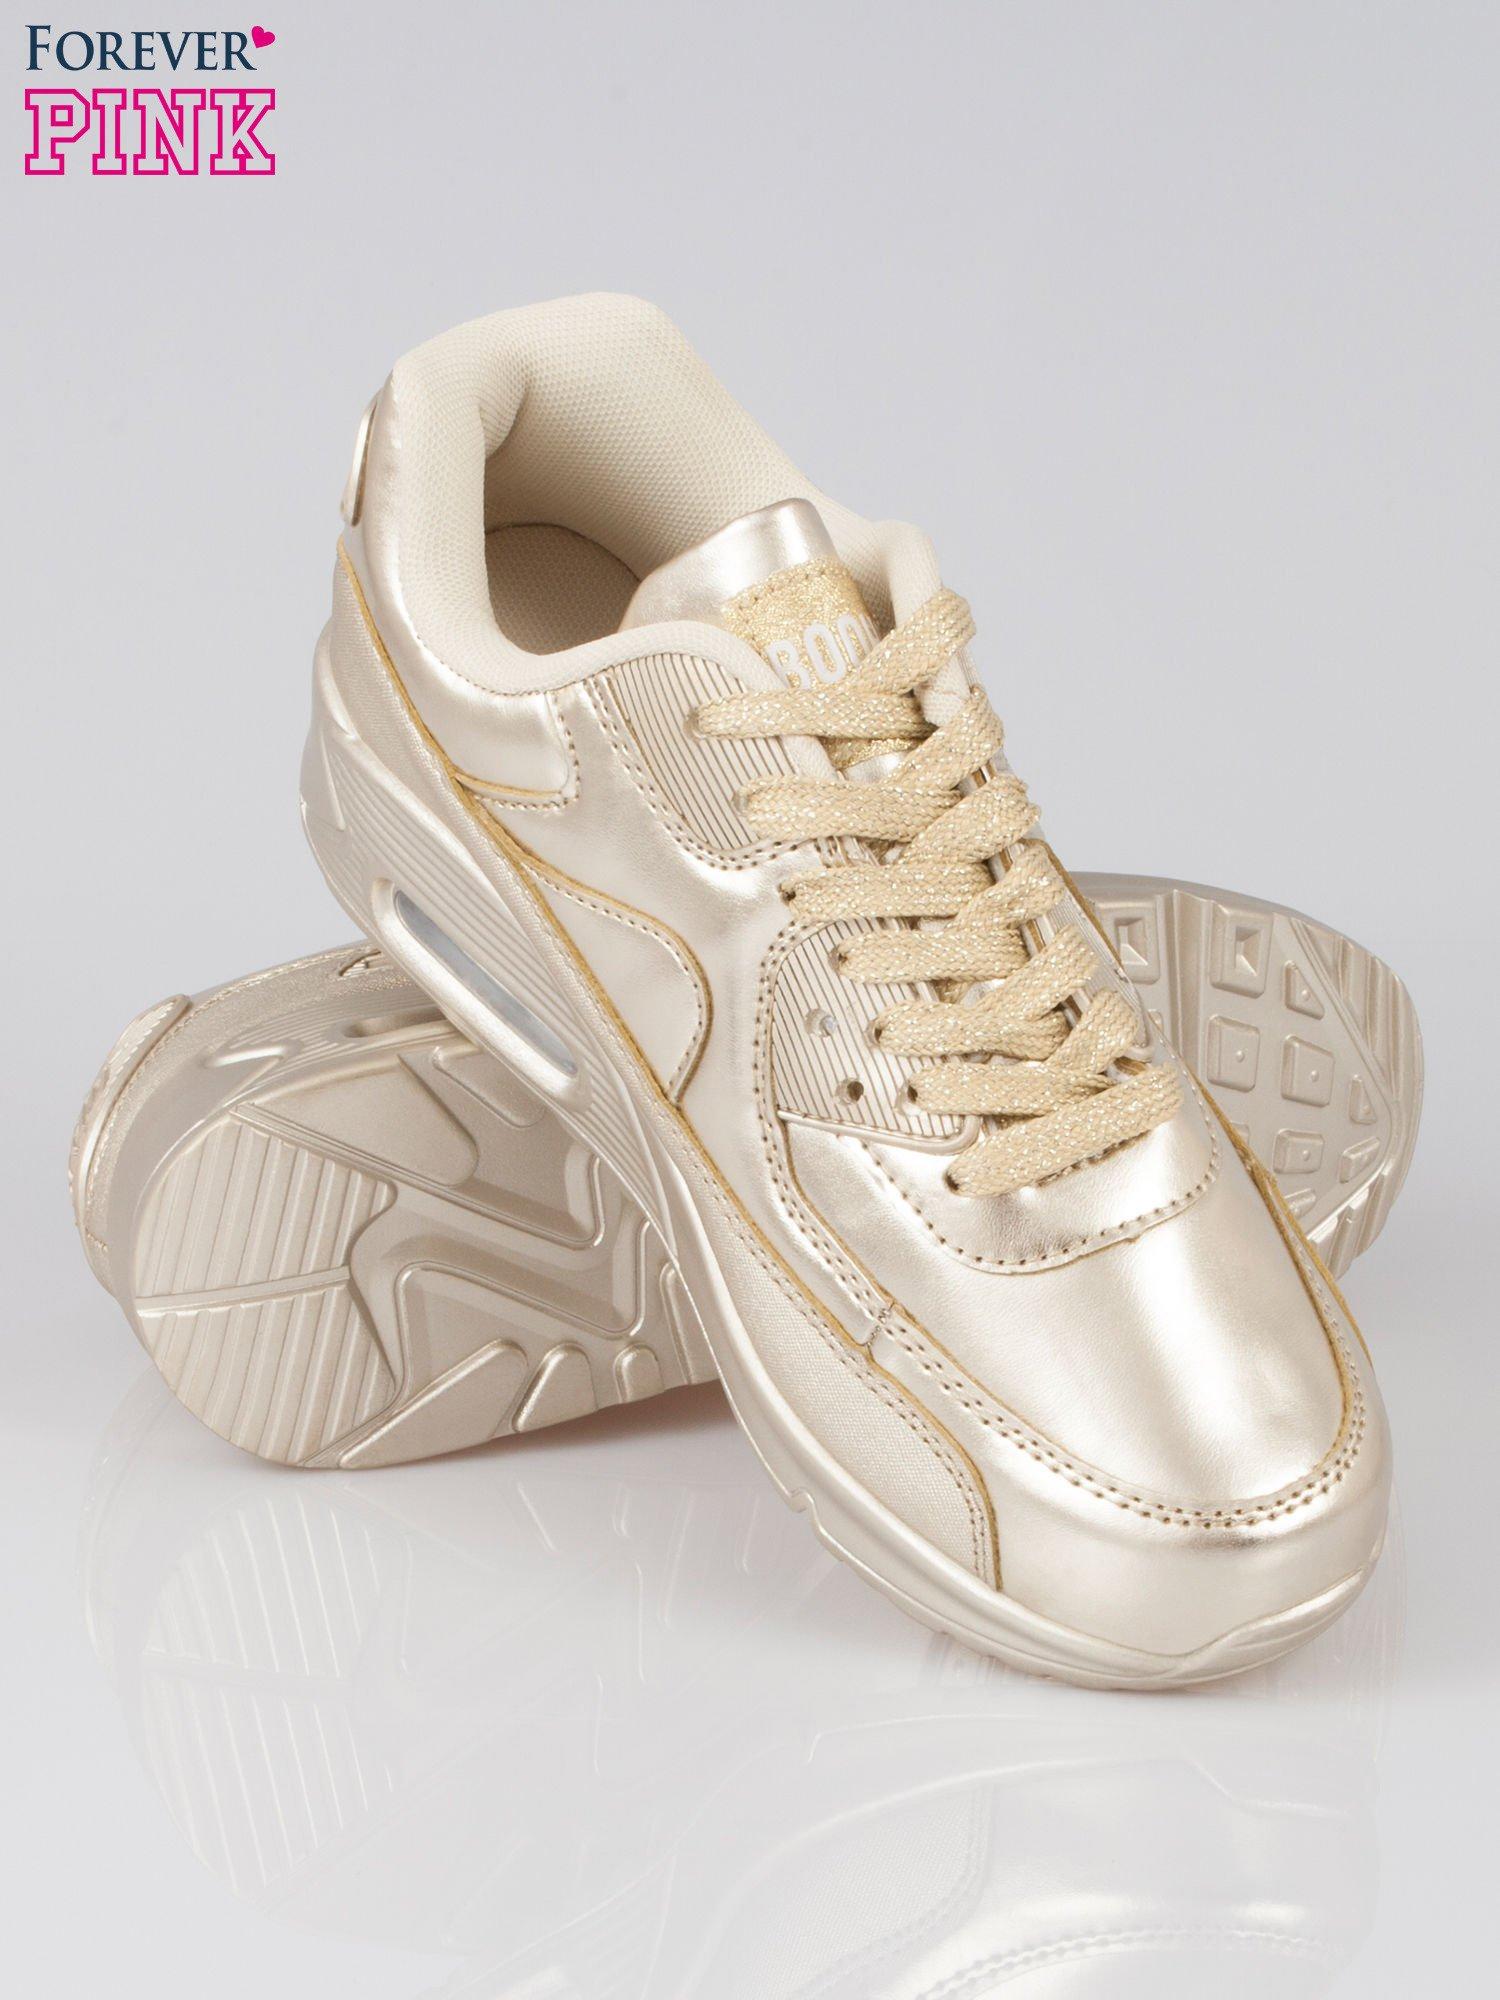 Złote buty sportowe faux leather Gigi z poduszką powietrzną w pięcie                                  zdj.                                  4